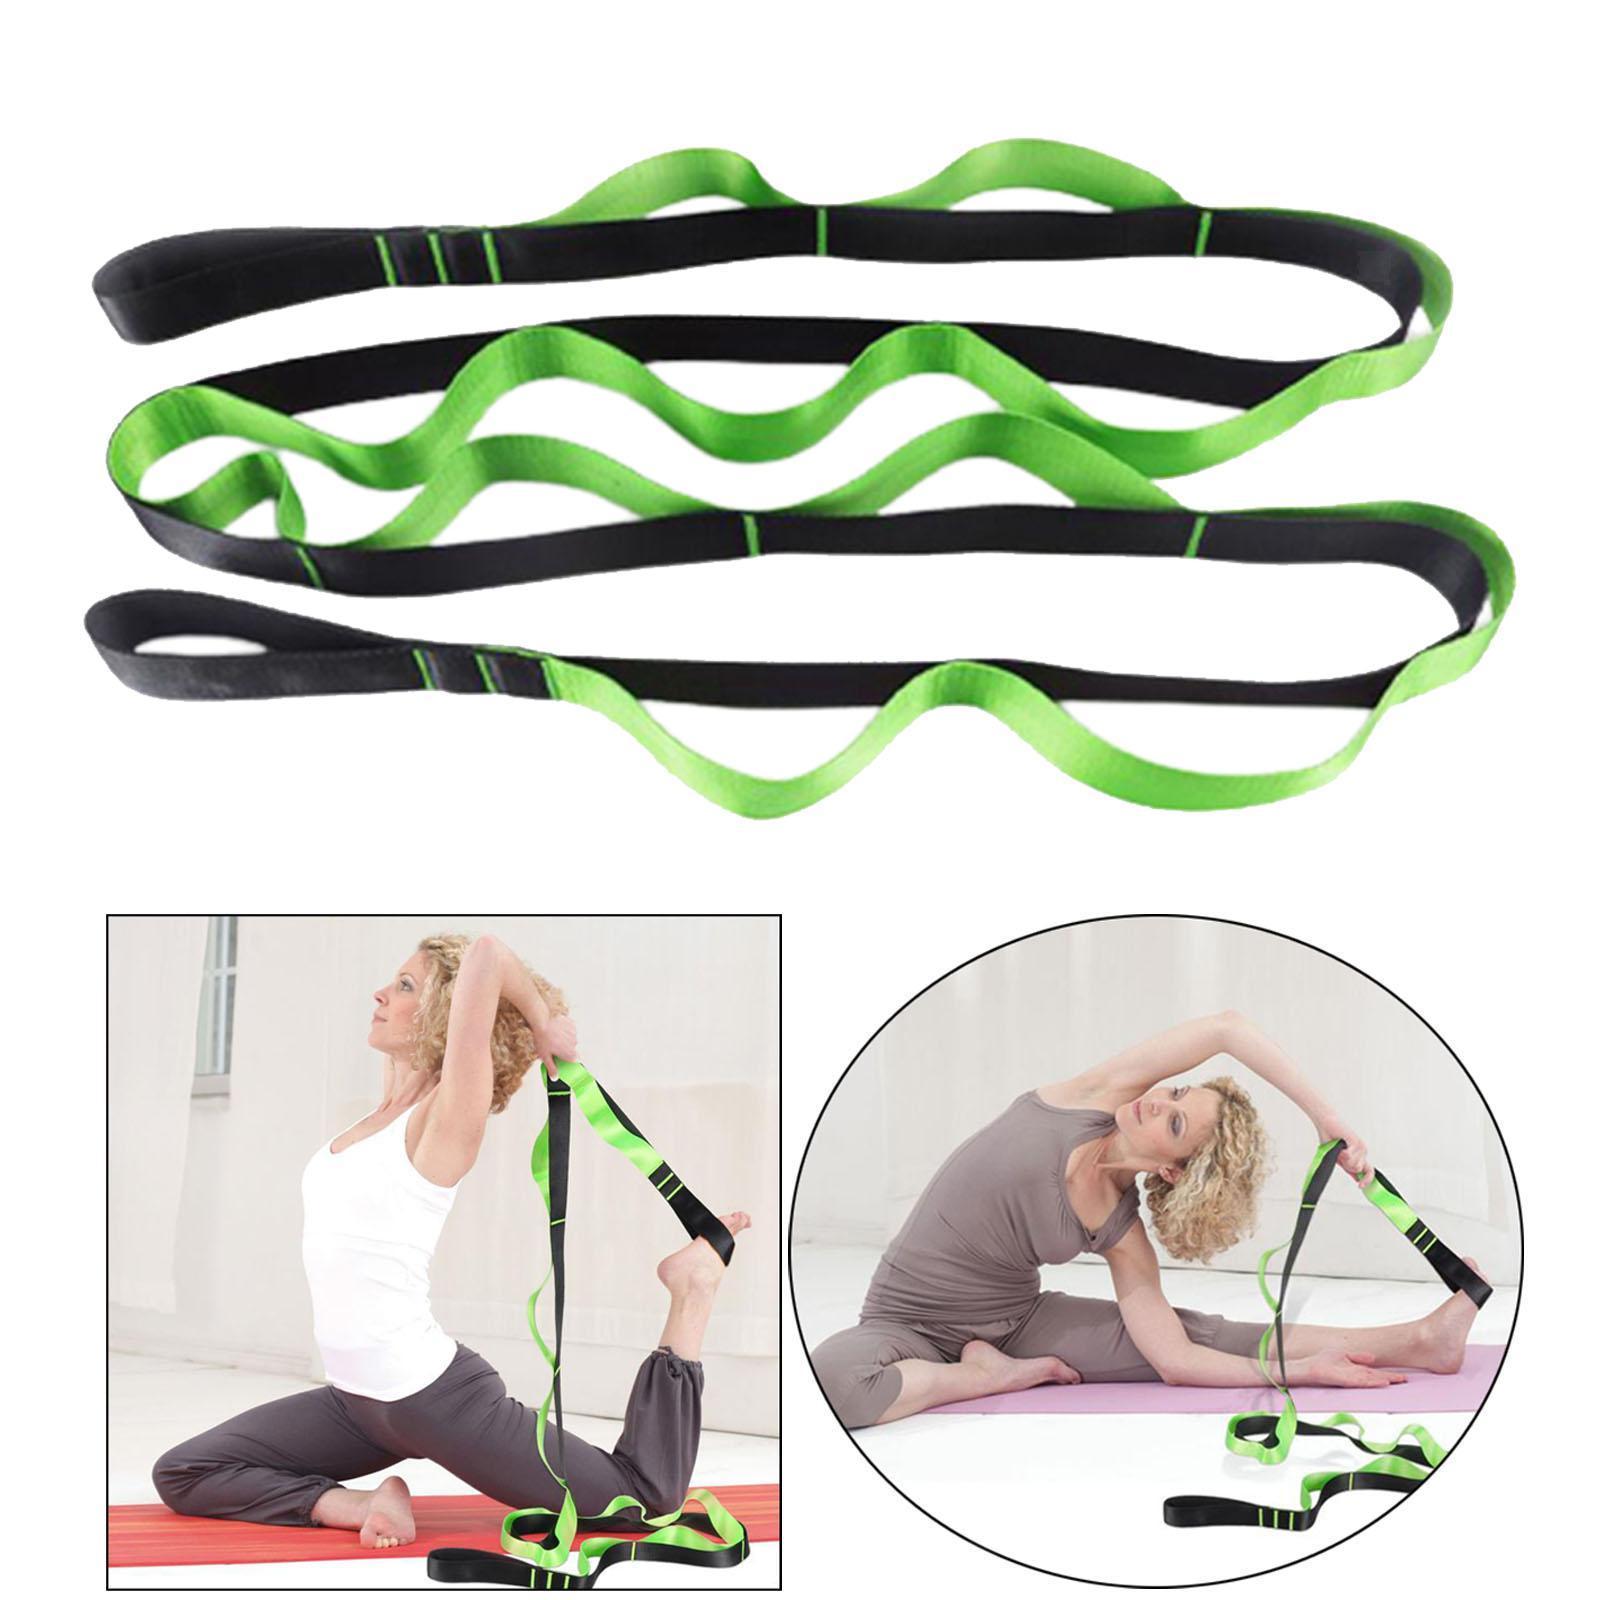 miniatura 20 - Pierna camilla yoga Stretch Strap Latin Dance Gymnastic pull cinturón flexibilidad